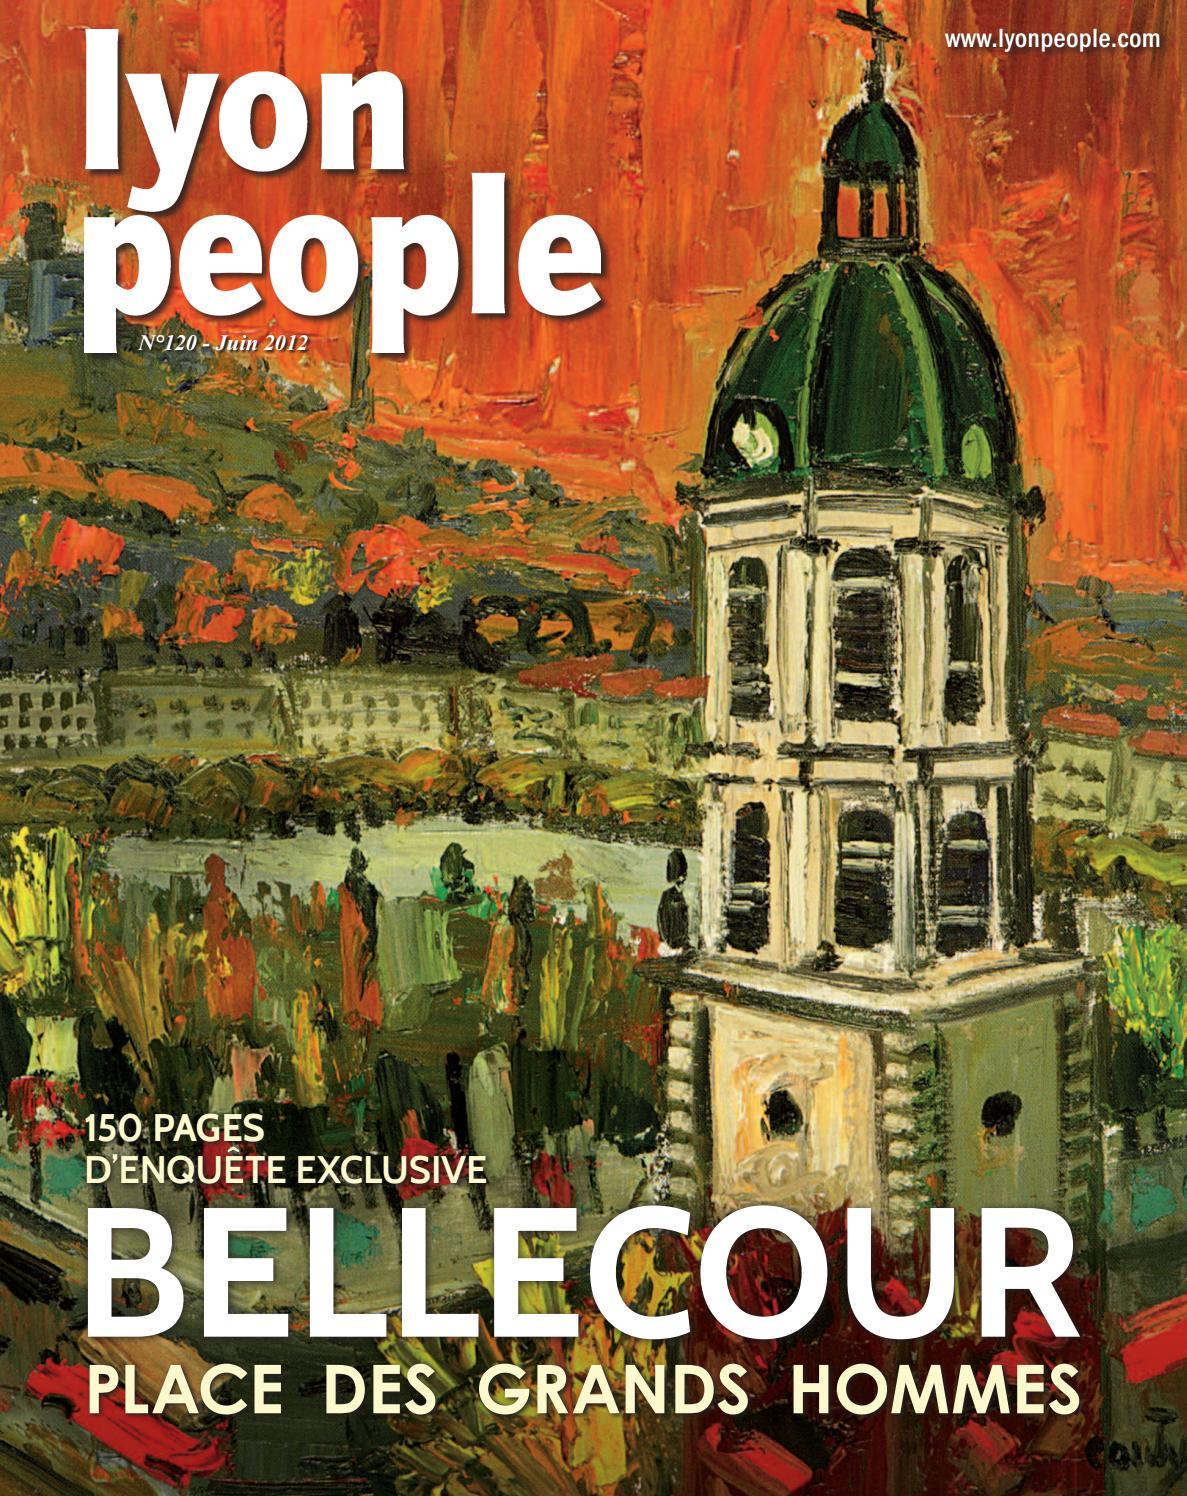 Bellecour People Juin Place By Issuu Lyon 2012 TKJlF1c